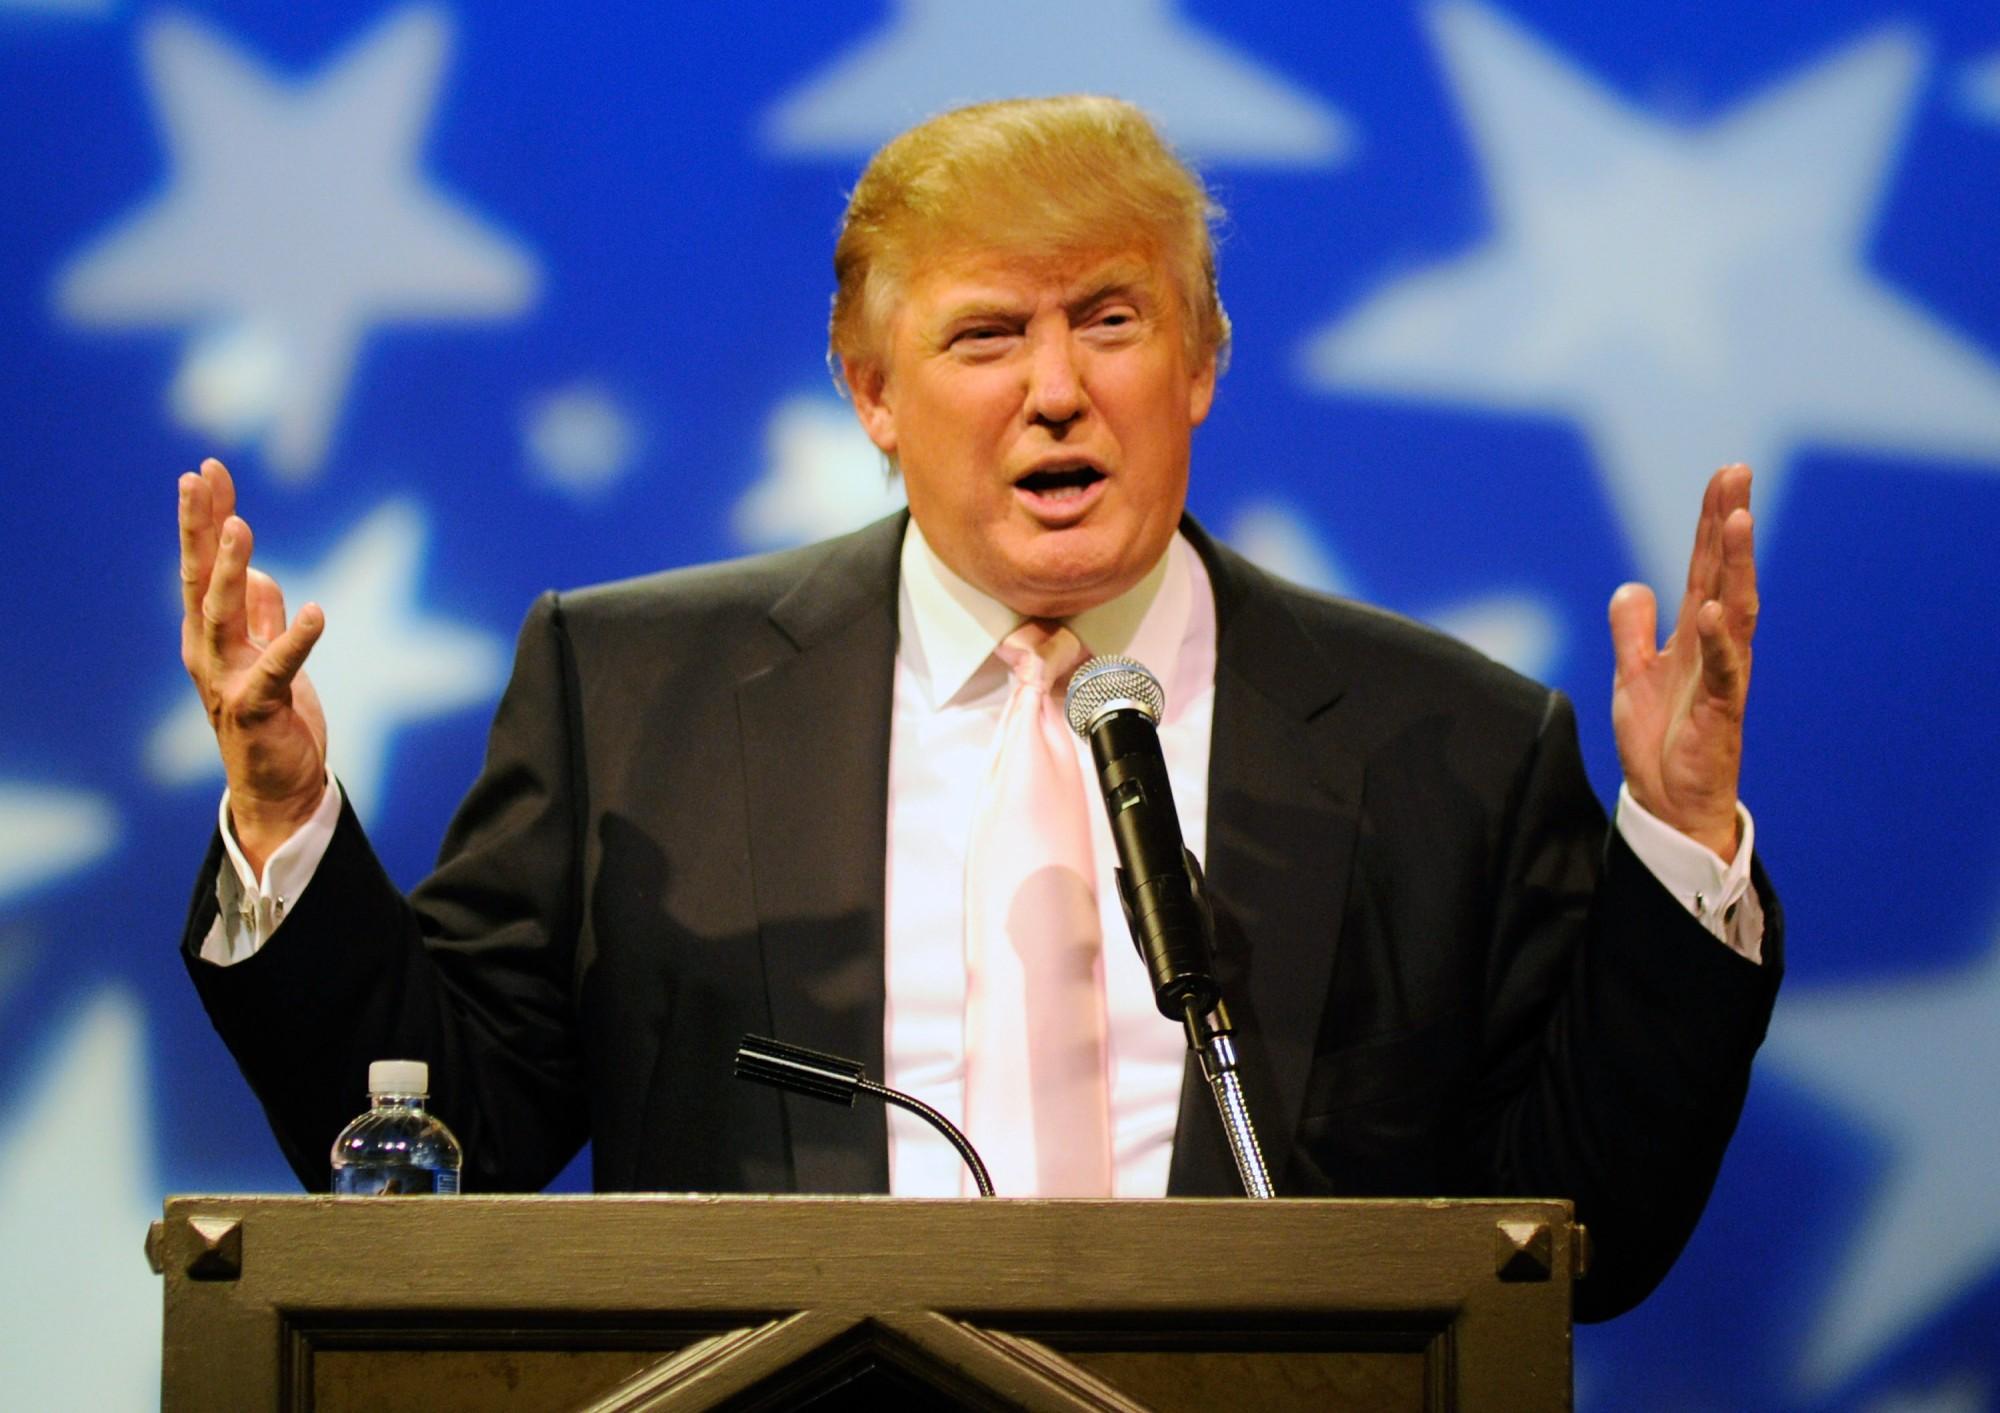 Белый дом подтвердил намерение построить стену вдоль границ США